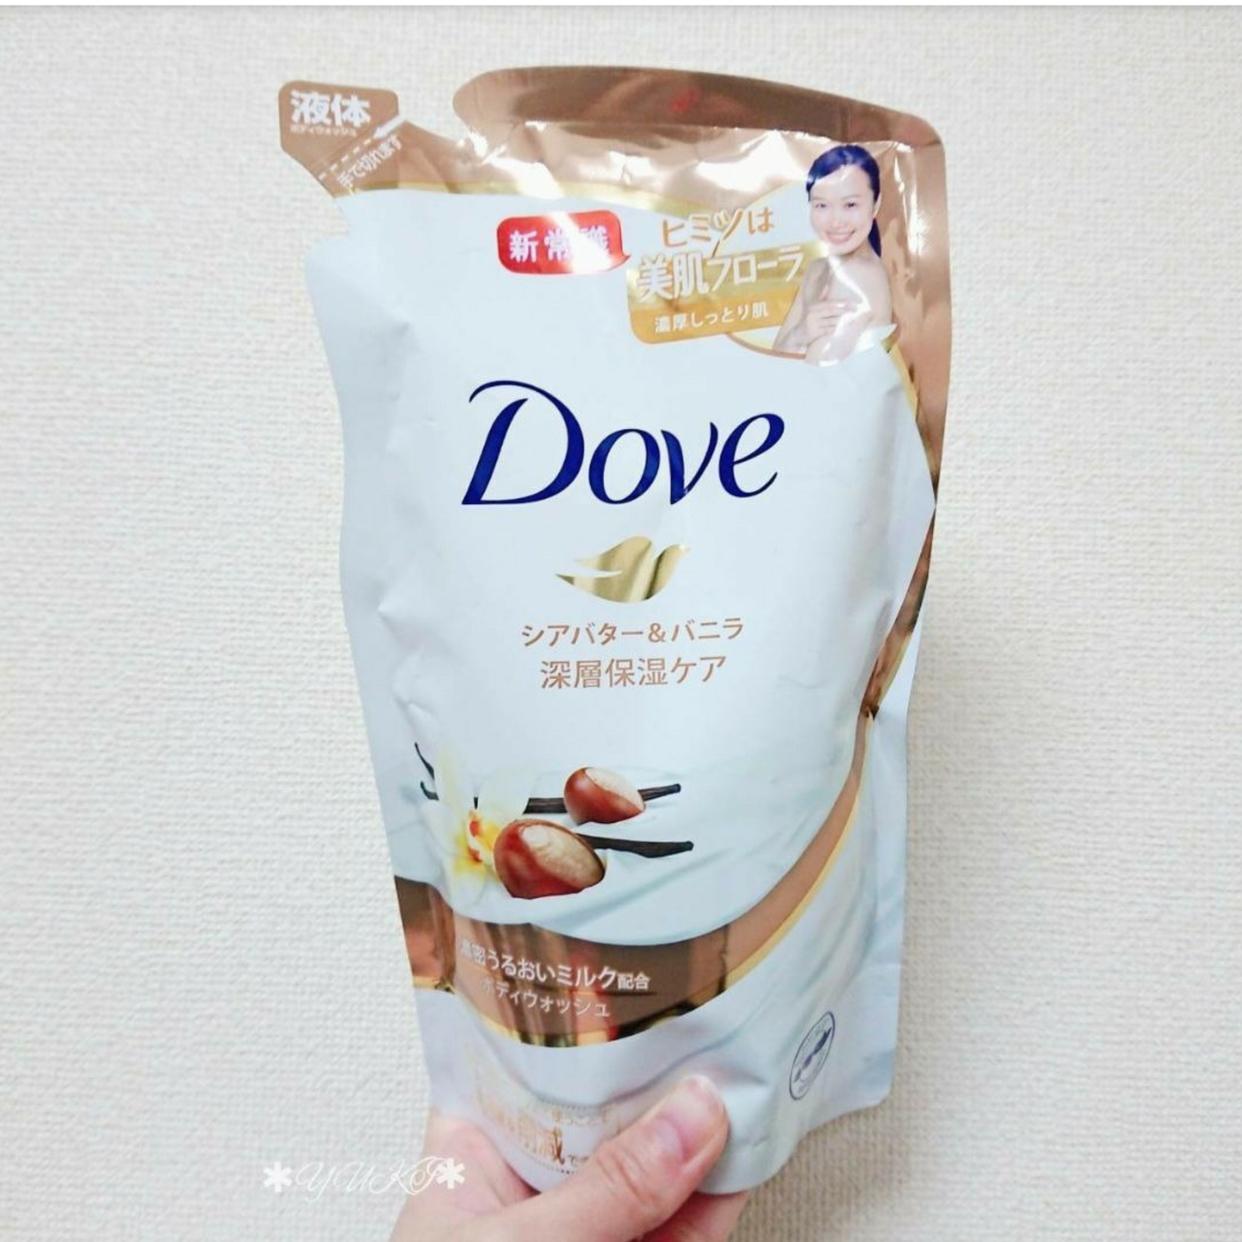 Dove(ダヴ) ボディウォッシュを使ったYUKIさんのクチコミ画像1